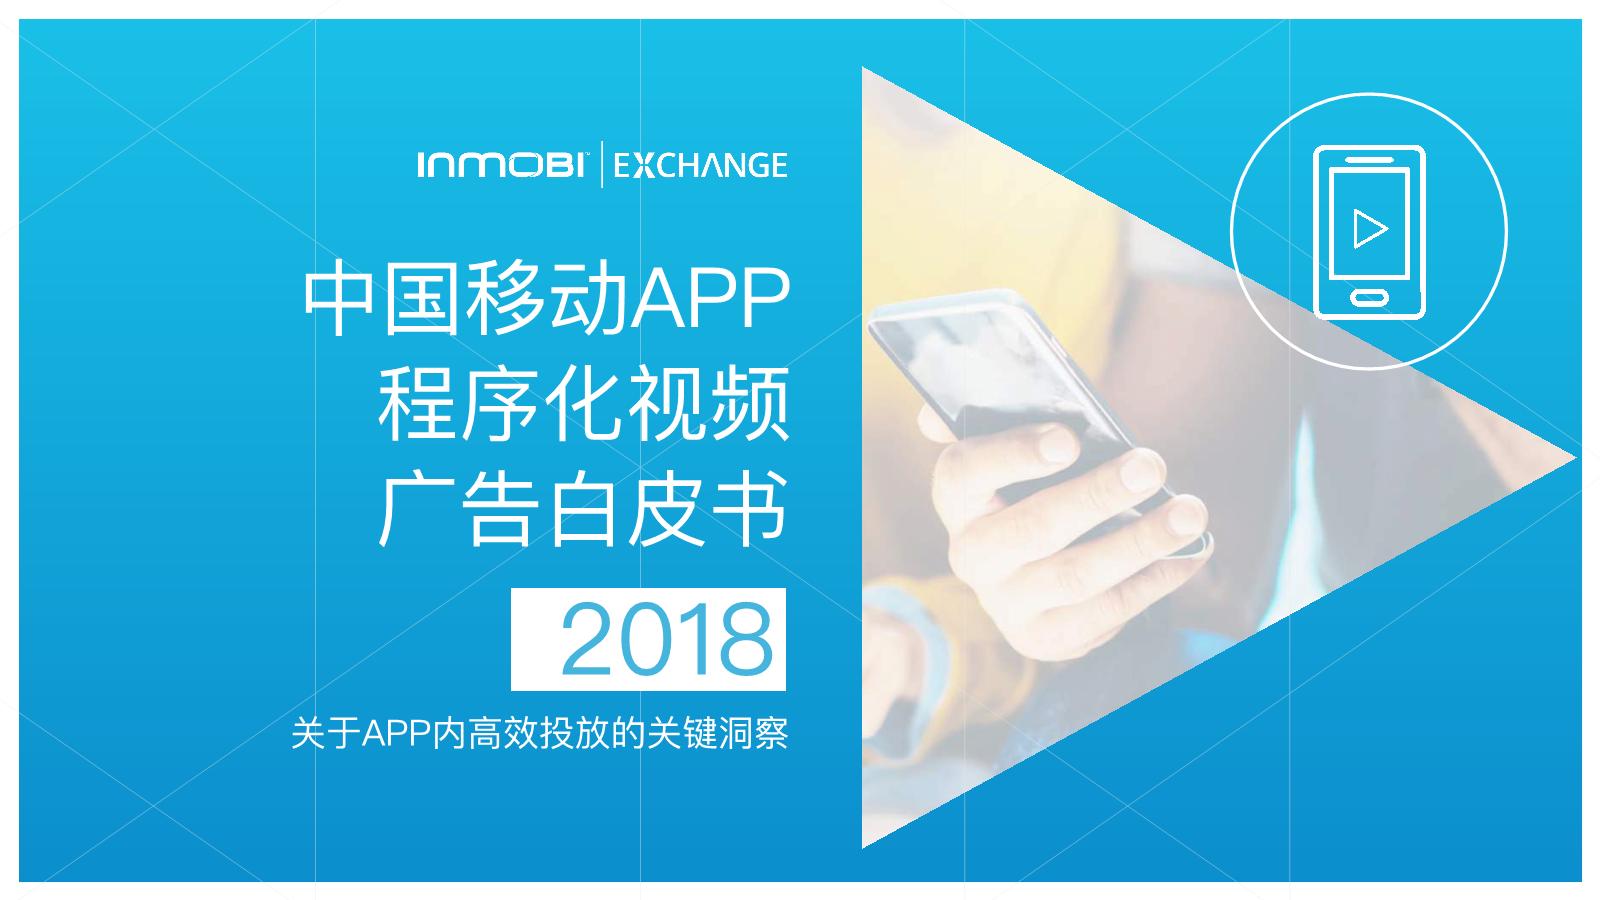 InMobi-2018中国移动APP程序化视频广告白皮书